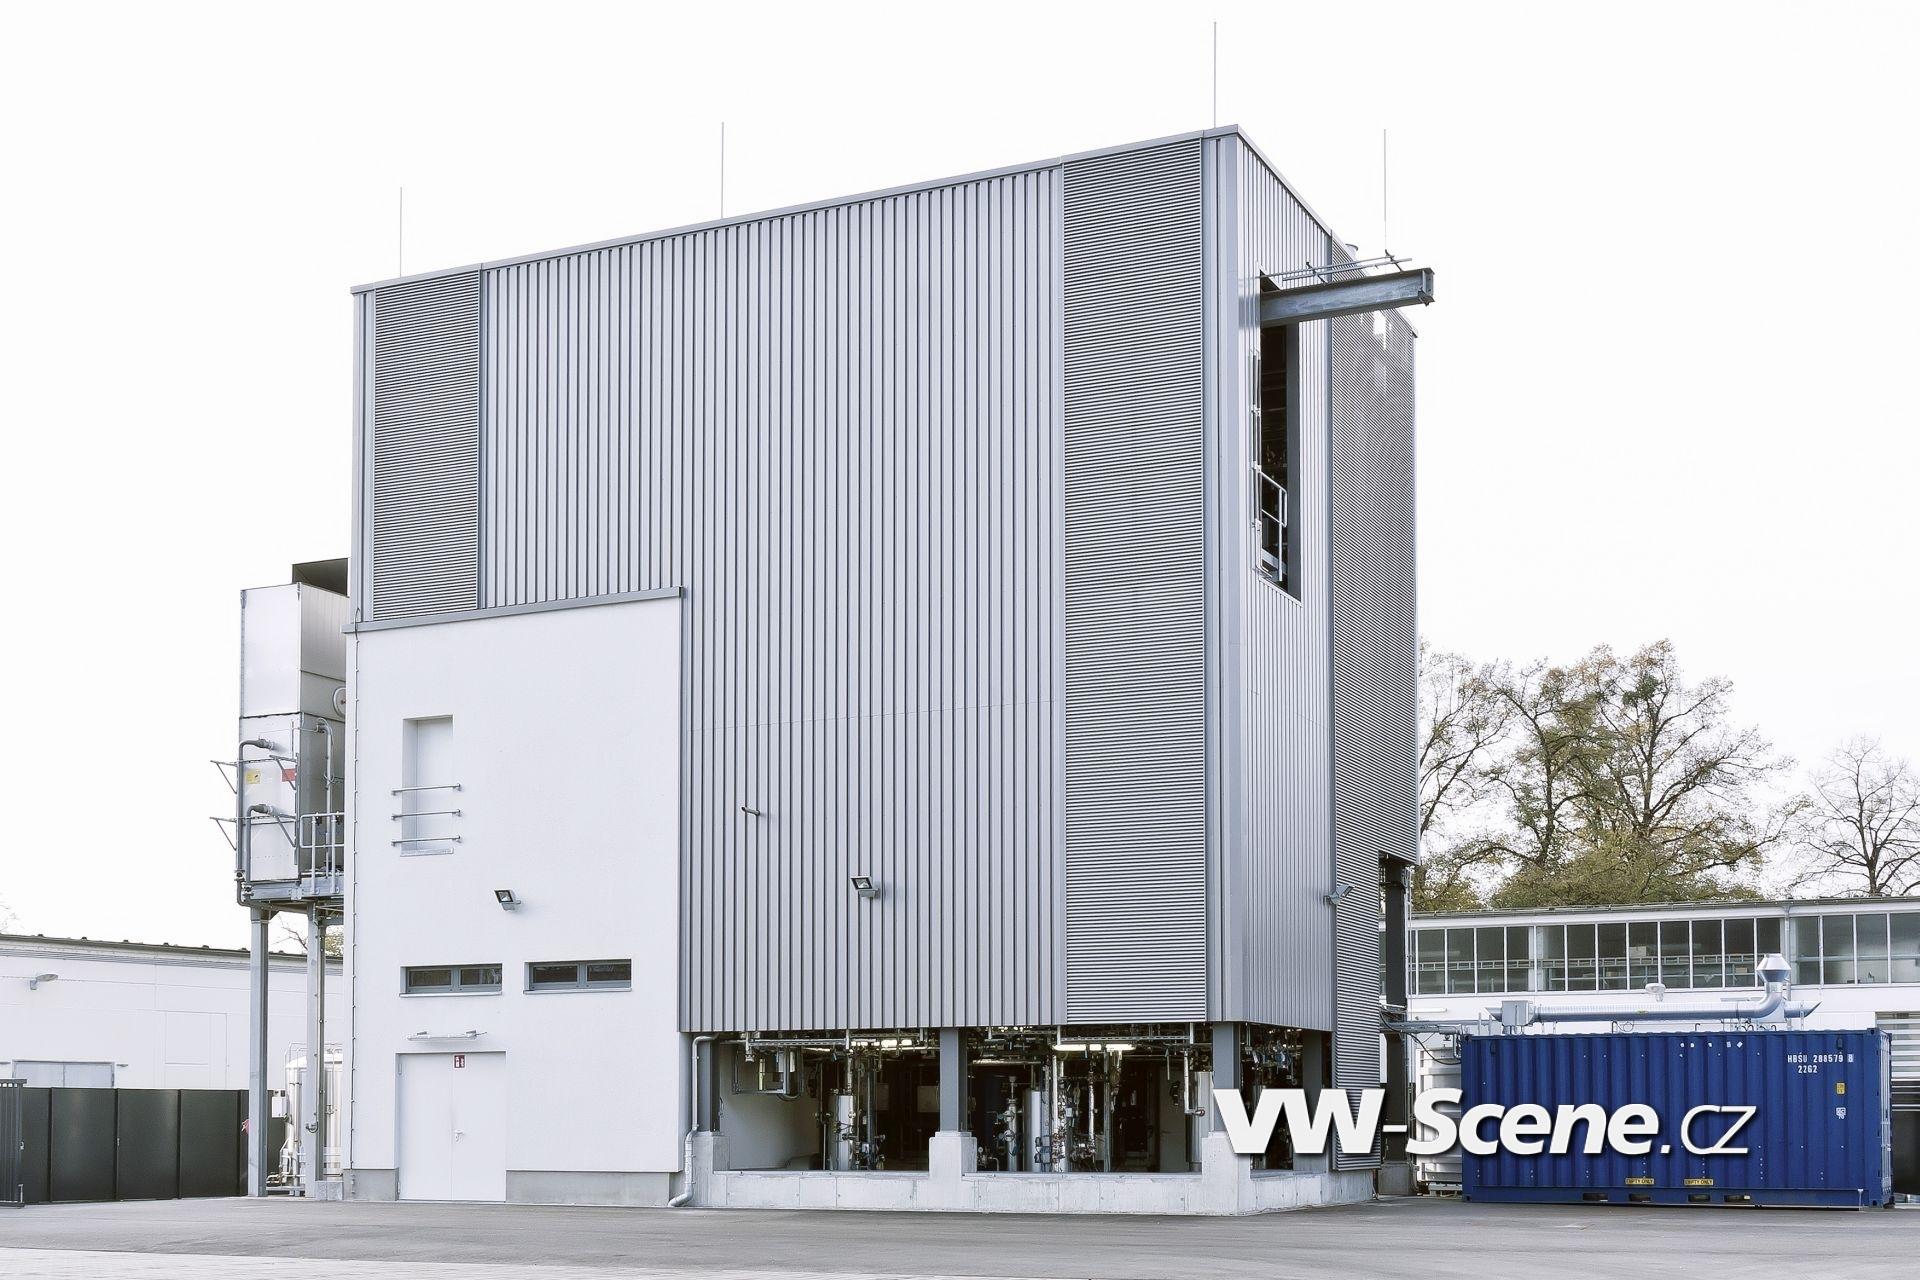 Die sunfire-Anlage in Dresden erzeugt Audi e-diesel - aus Kohlendioxid, Wasser und Oekstrom.